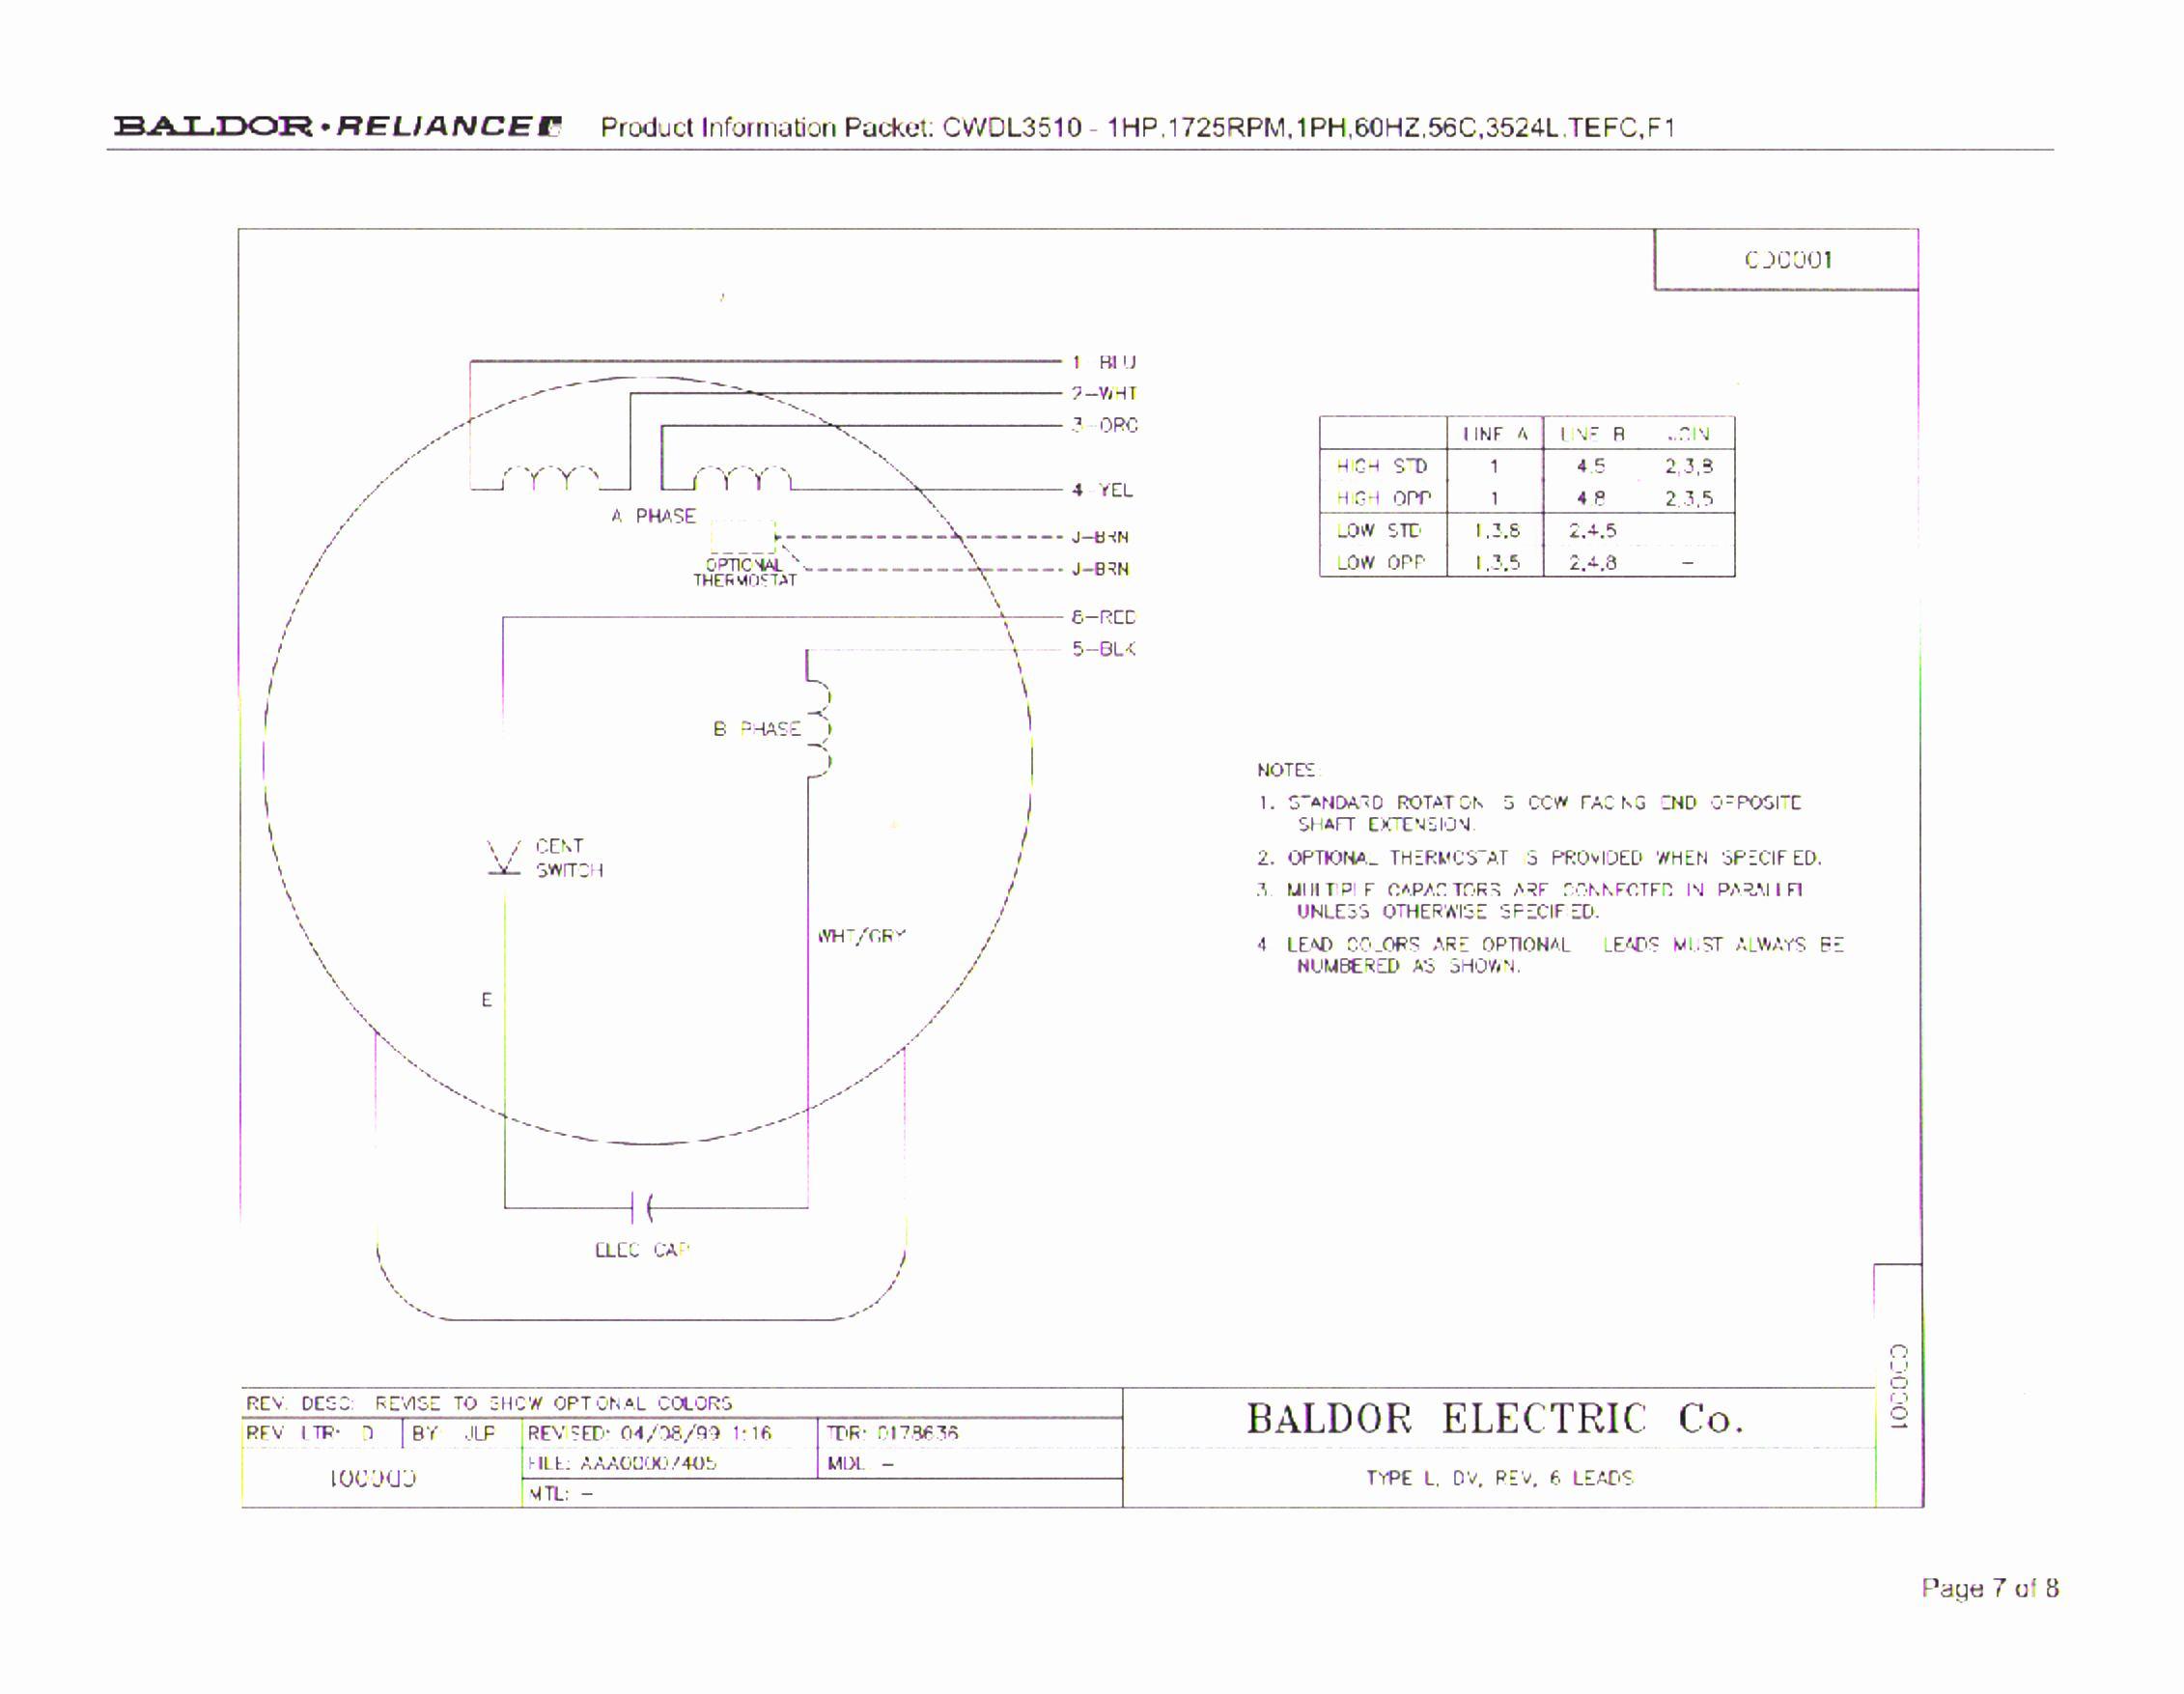 Baldor Electric Motor Wiring Diagram Beautiful Baldor 12 Lead Motor - 12 Lead Motor Wiring Diagram